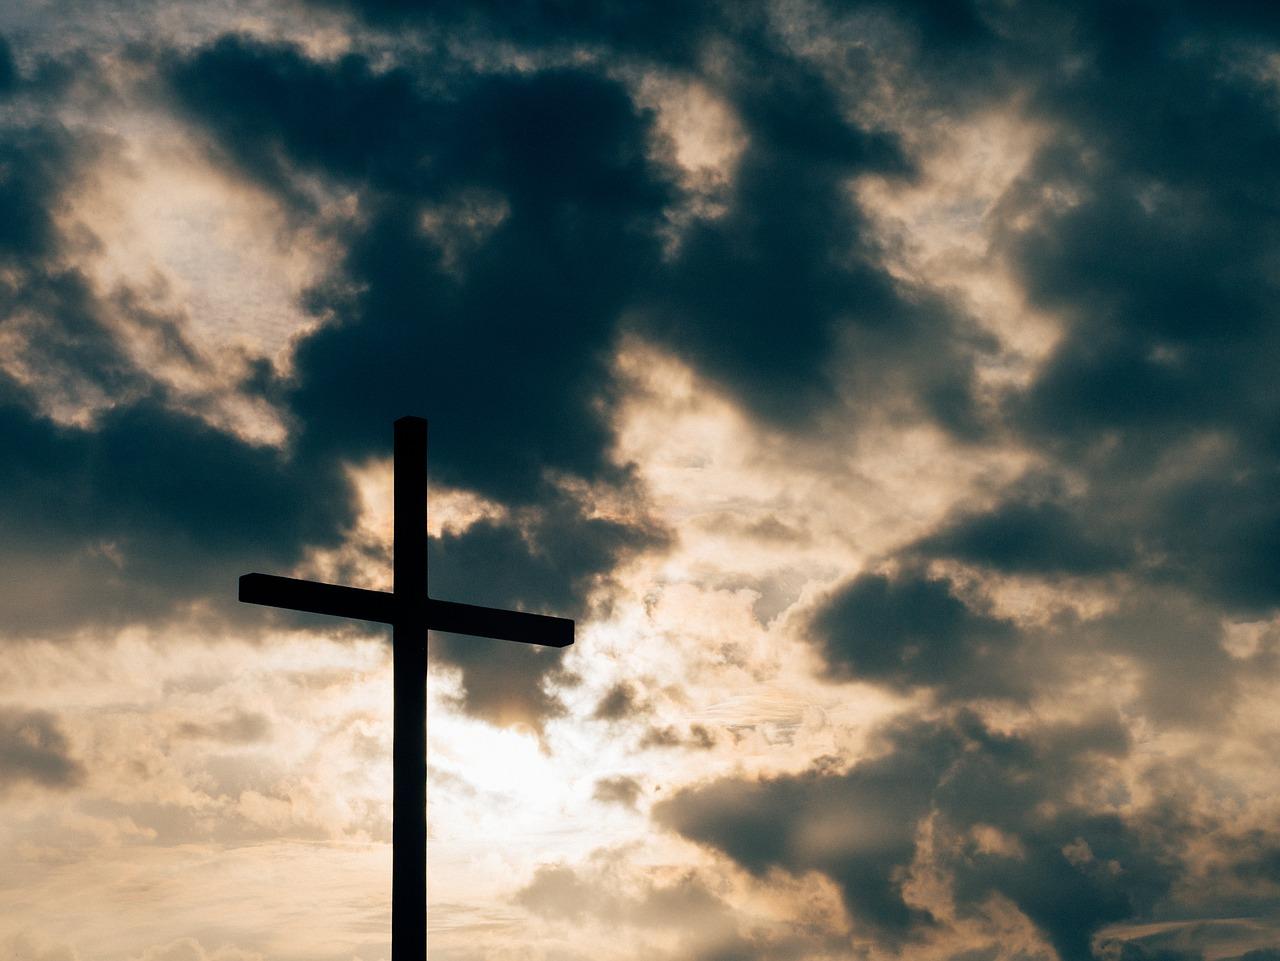 Është Perëndia Mendjengushtë?